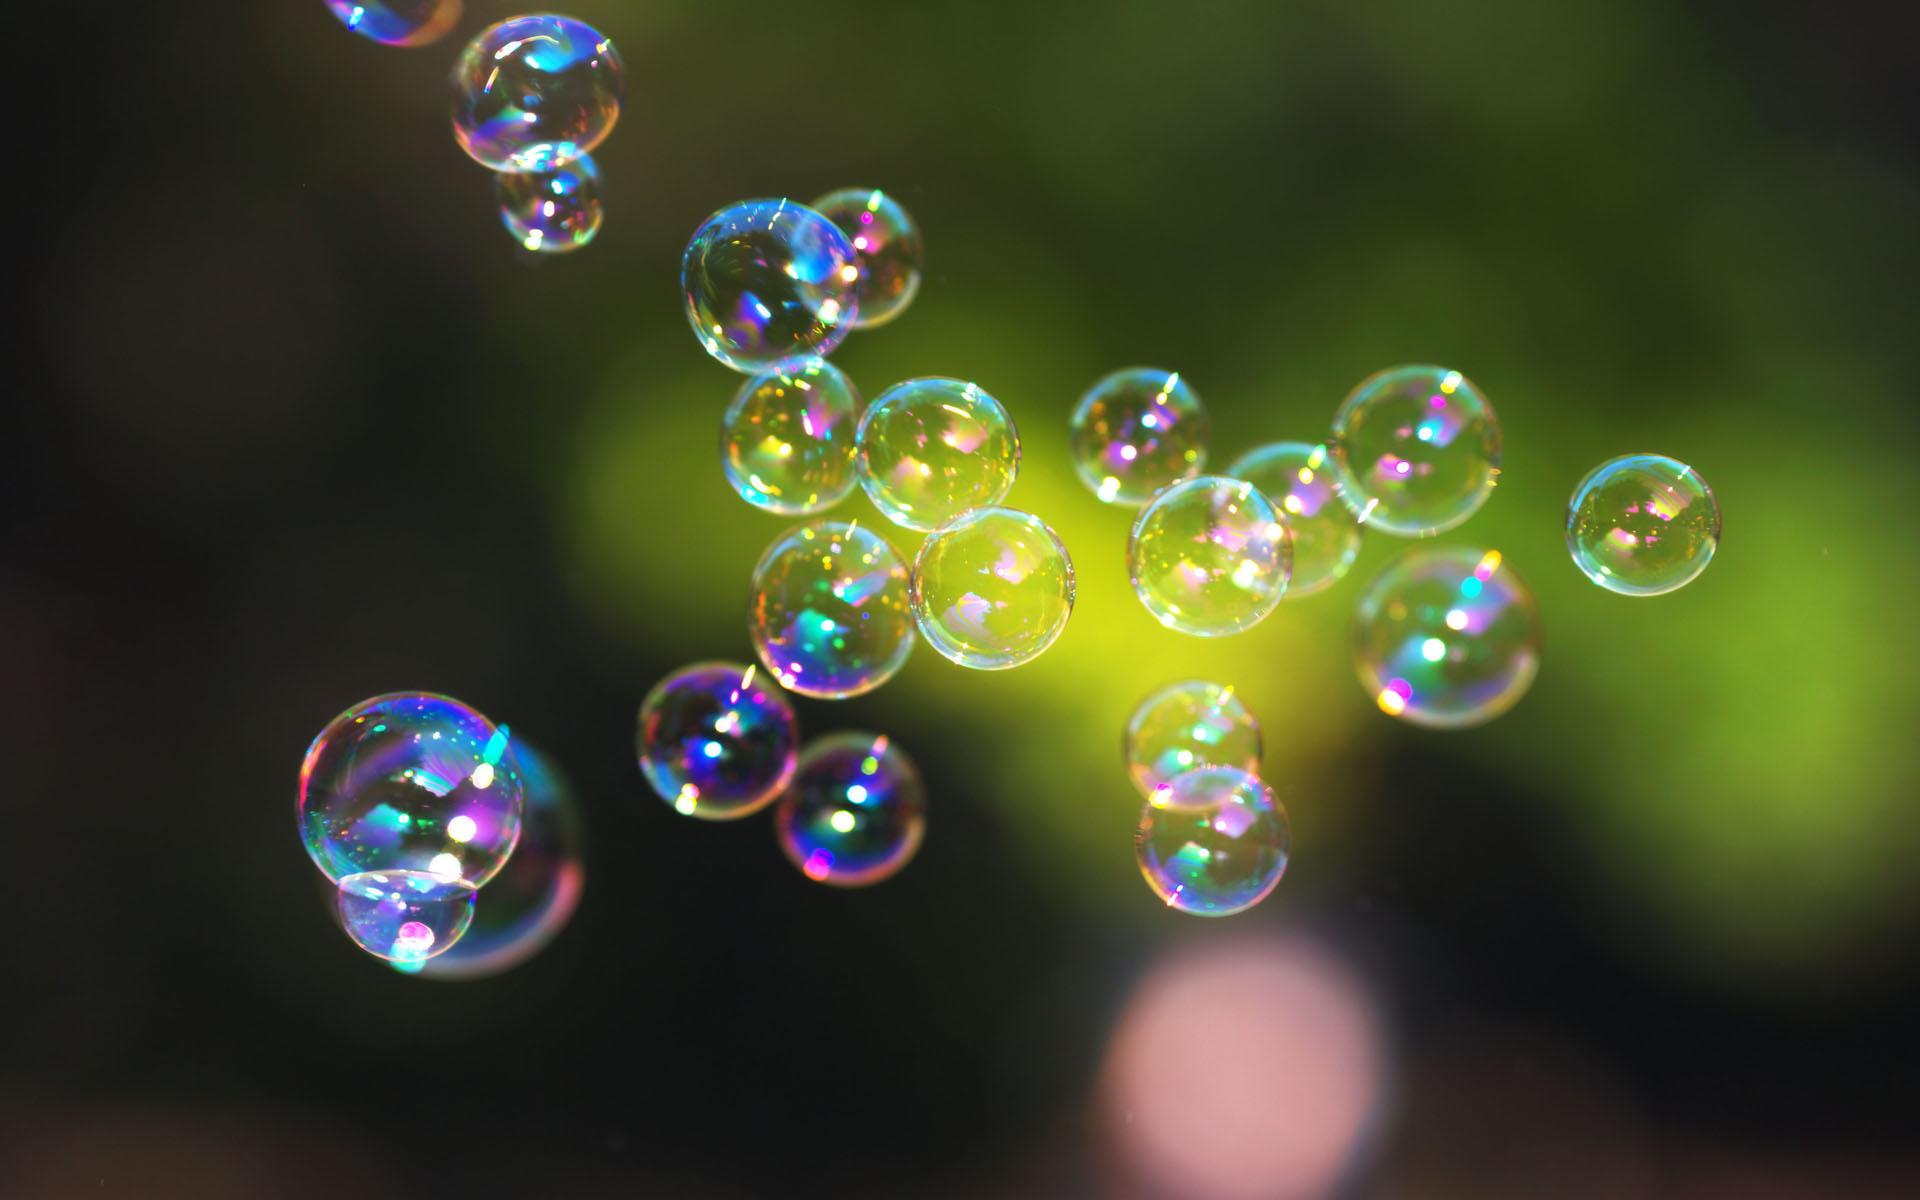 pretty bubbles wallpaper 42542 1920x1200 px ~ hdwallsource